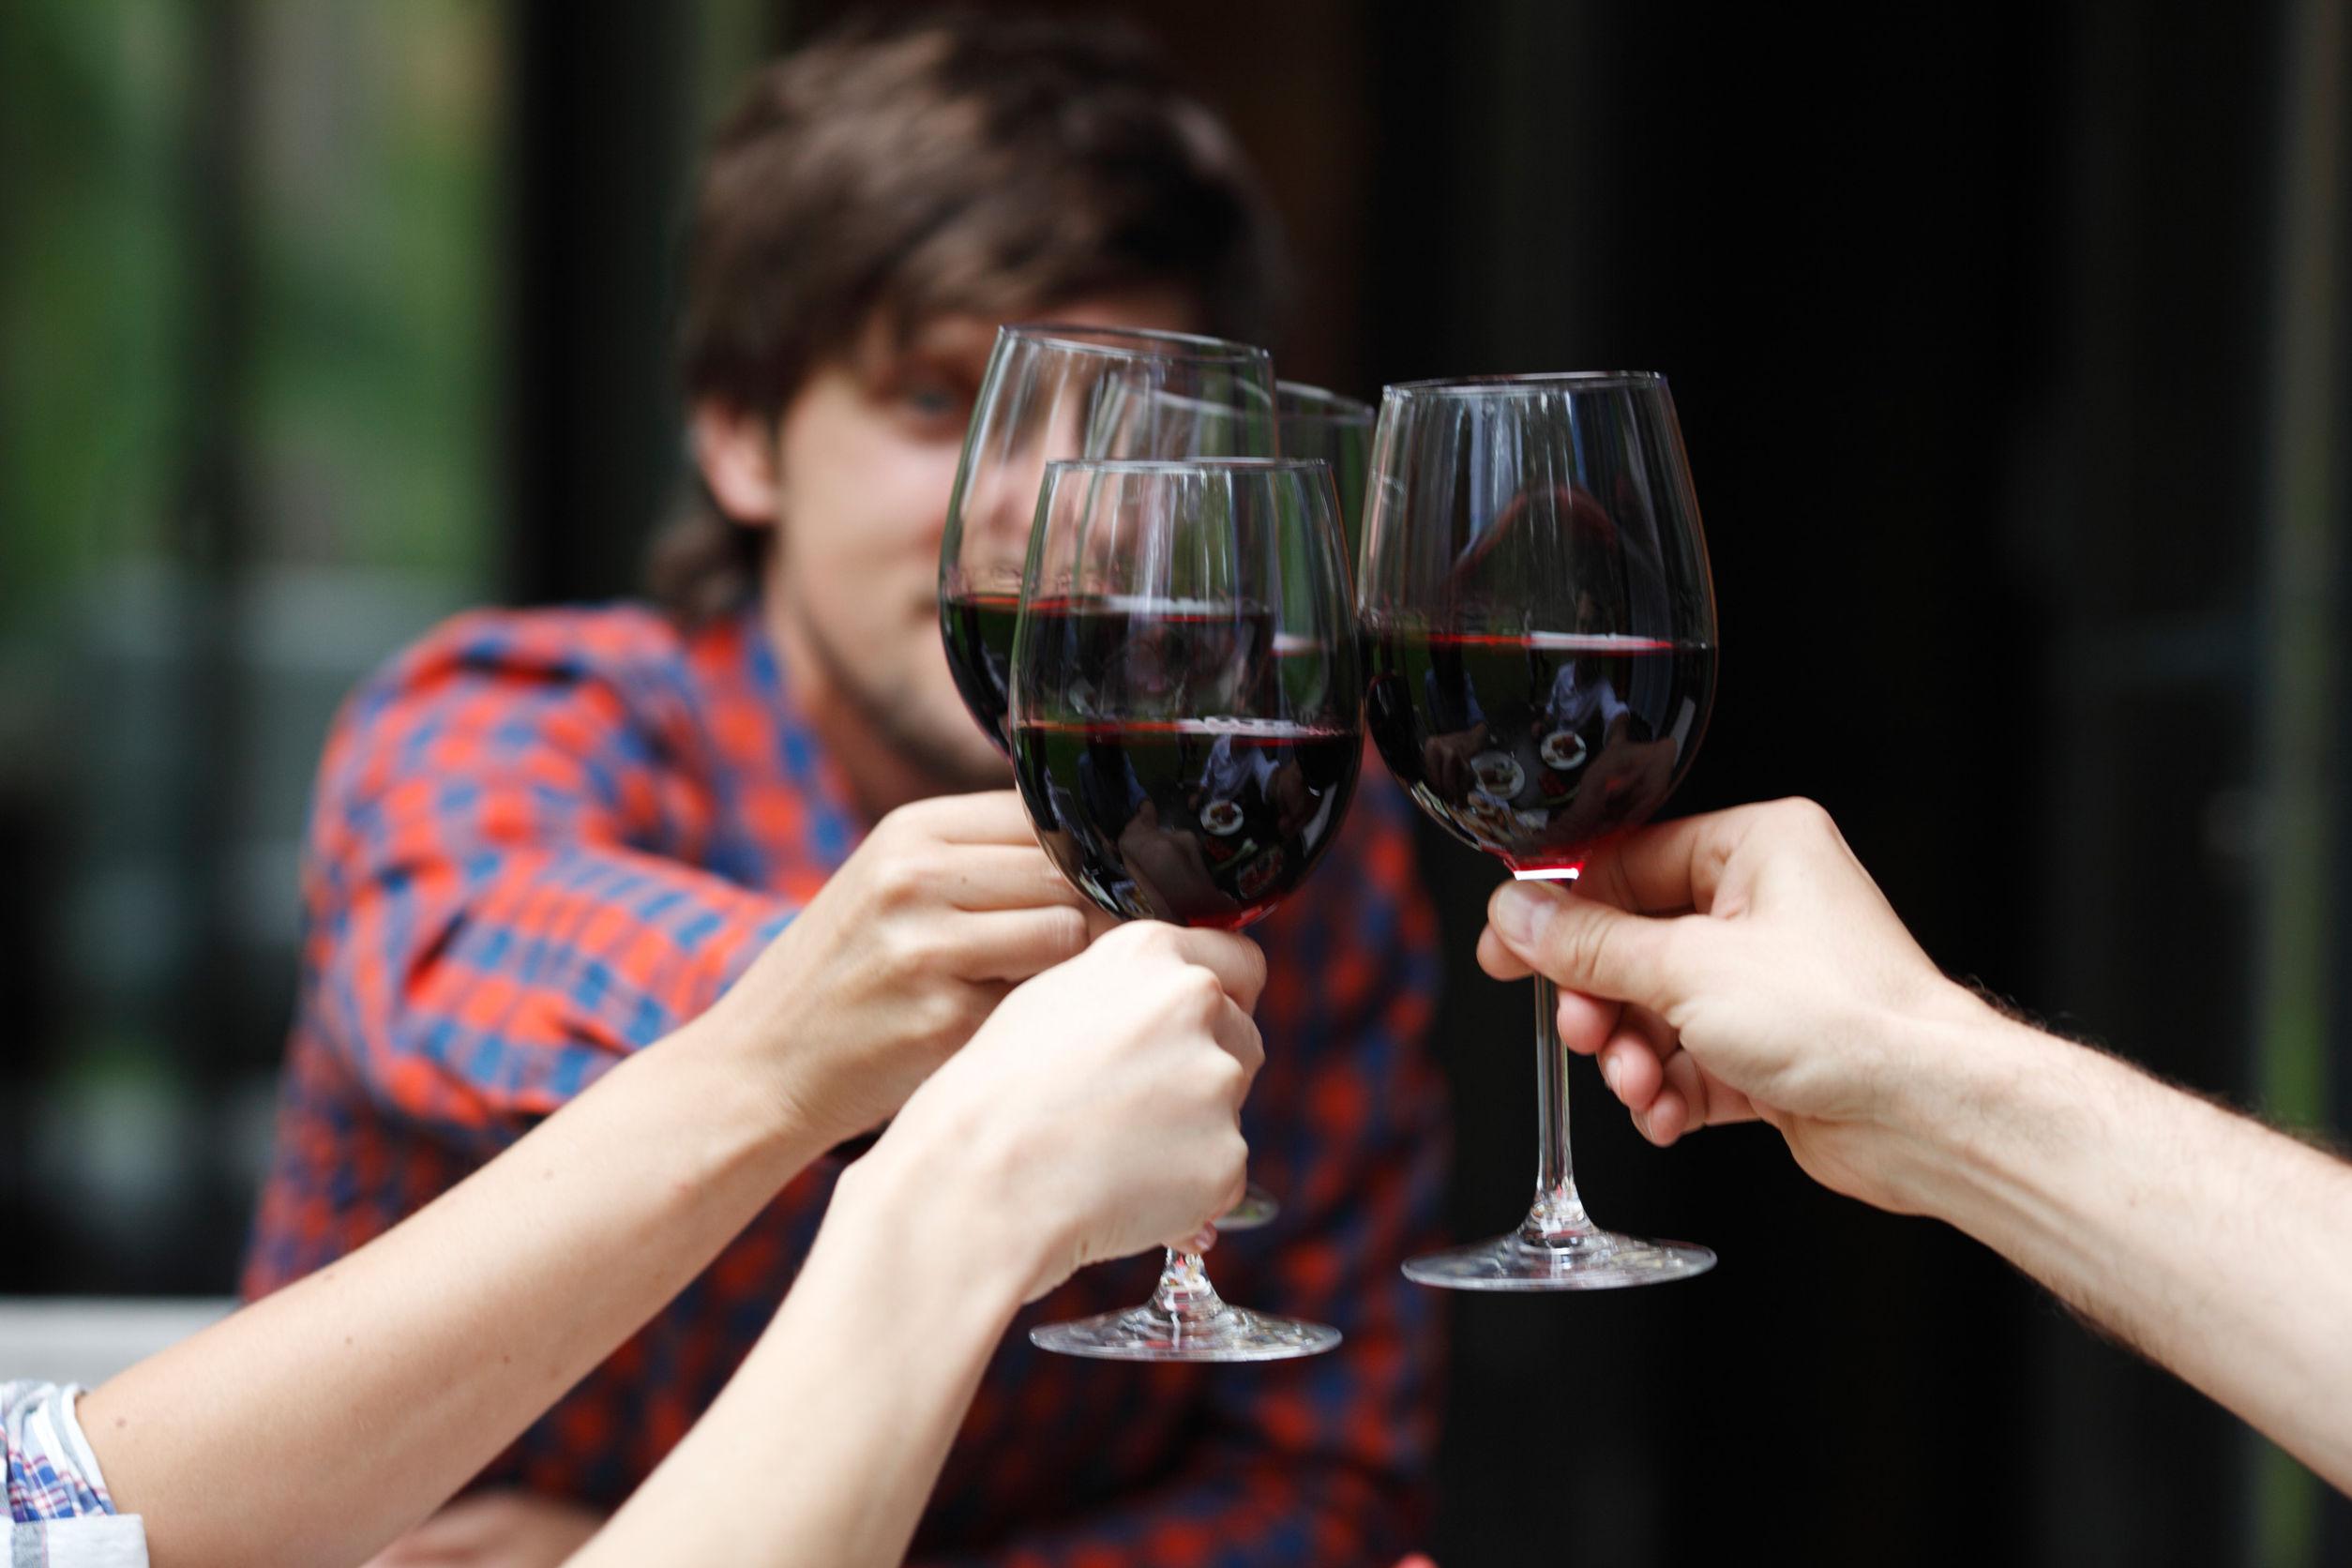 Cercetătorii au descoperit ora vinului. Când se bea cel mai mult